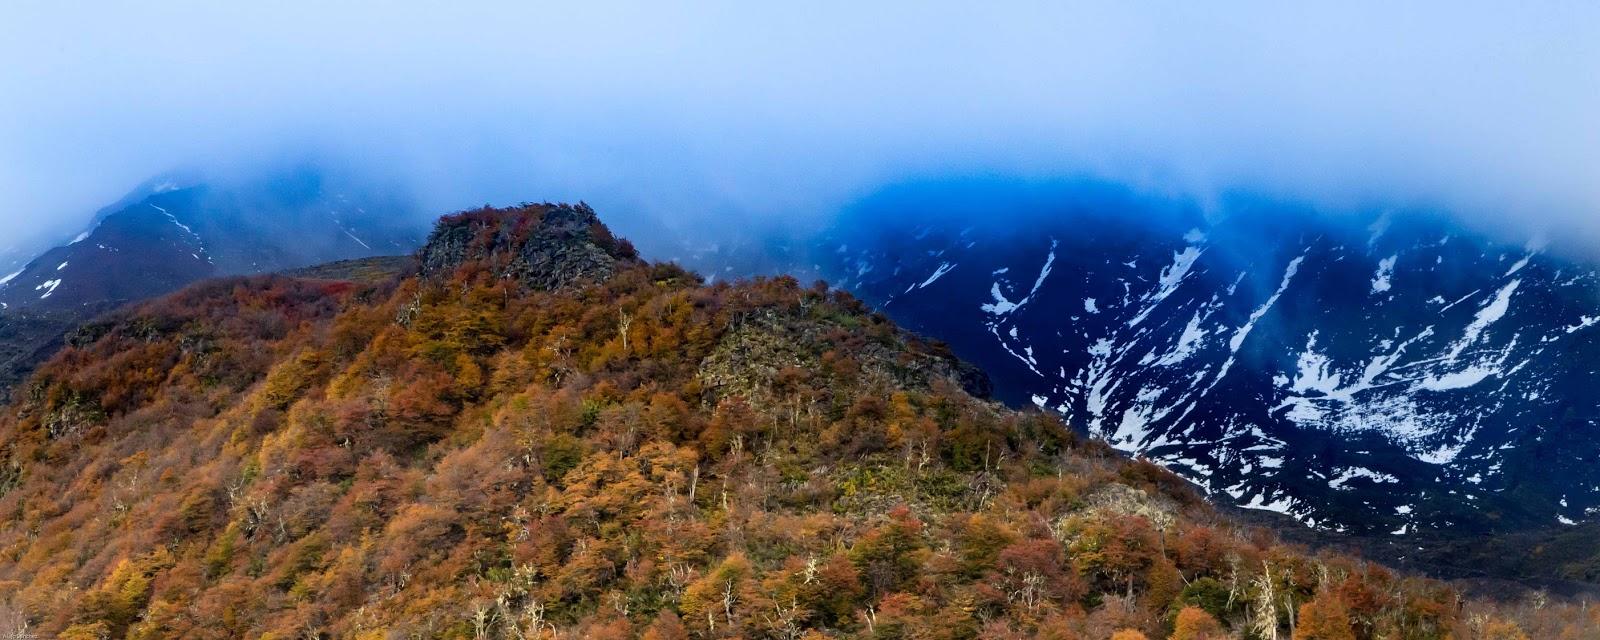 Patagonia Norte Safari Fotográfico y workshop por Alejo Sánchez, Photo Travel, Bosques patagónicos, Nieve, Montañas, Parque Nacional Nahuel Huapi, otoño, autumn